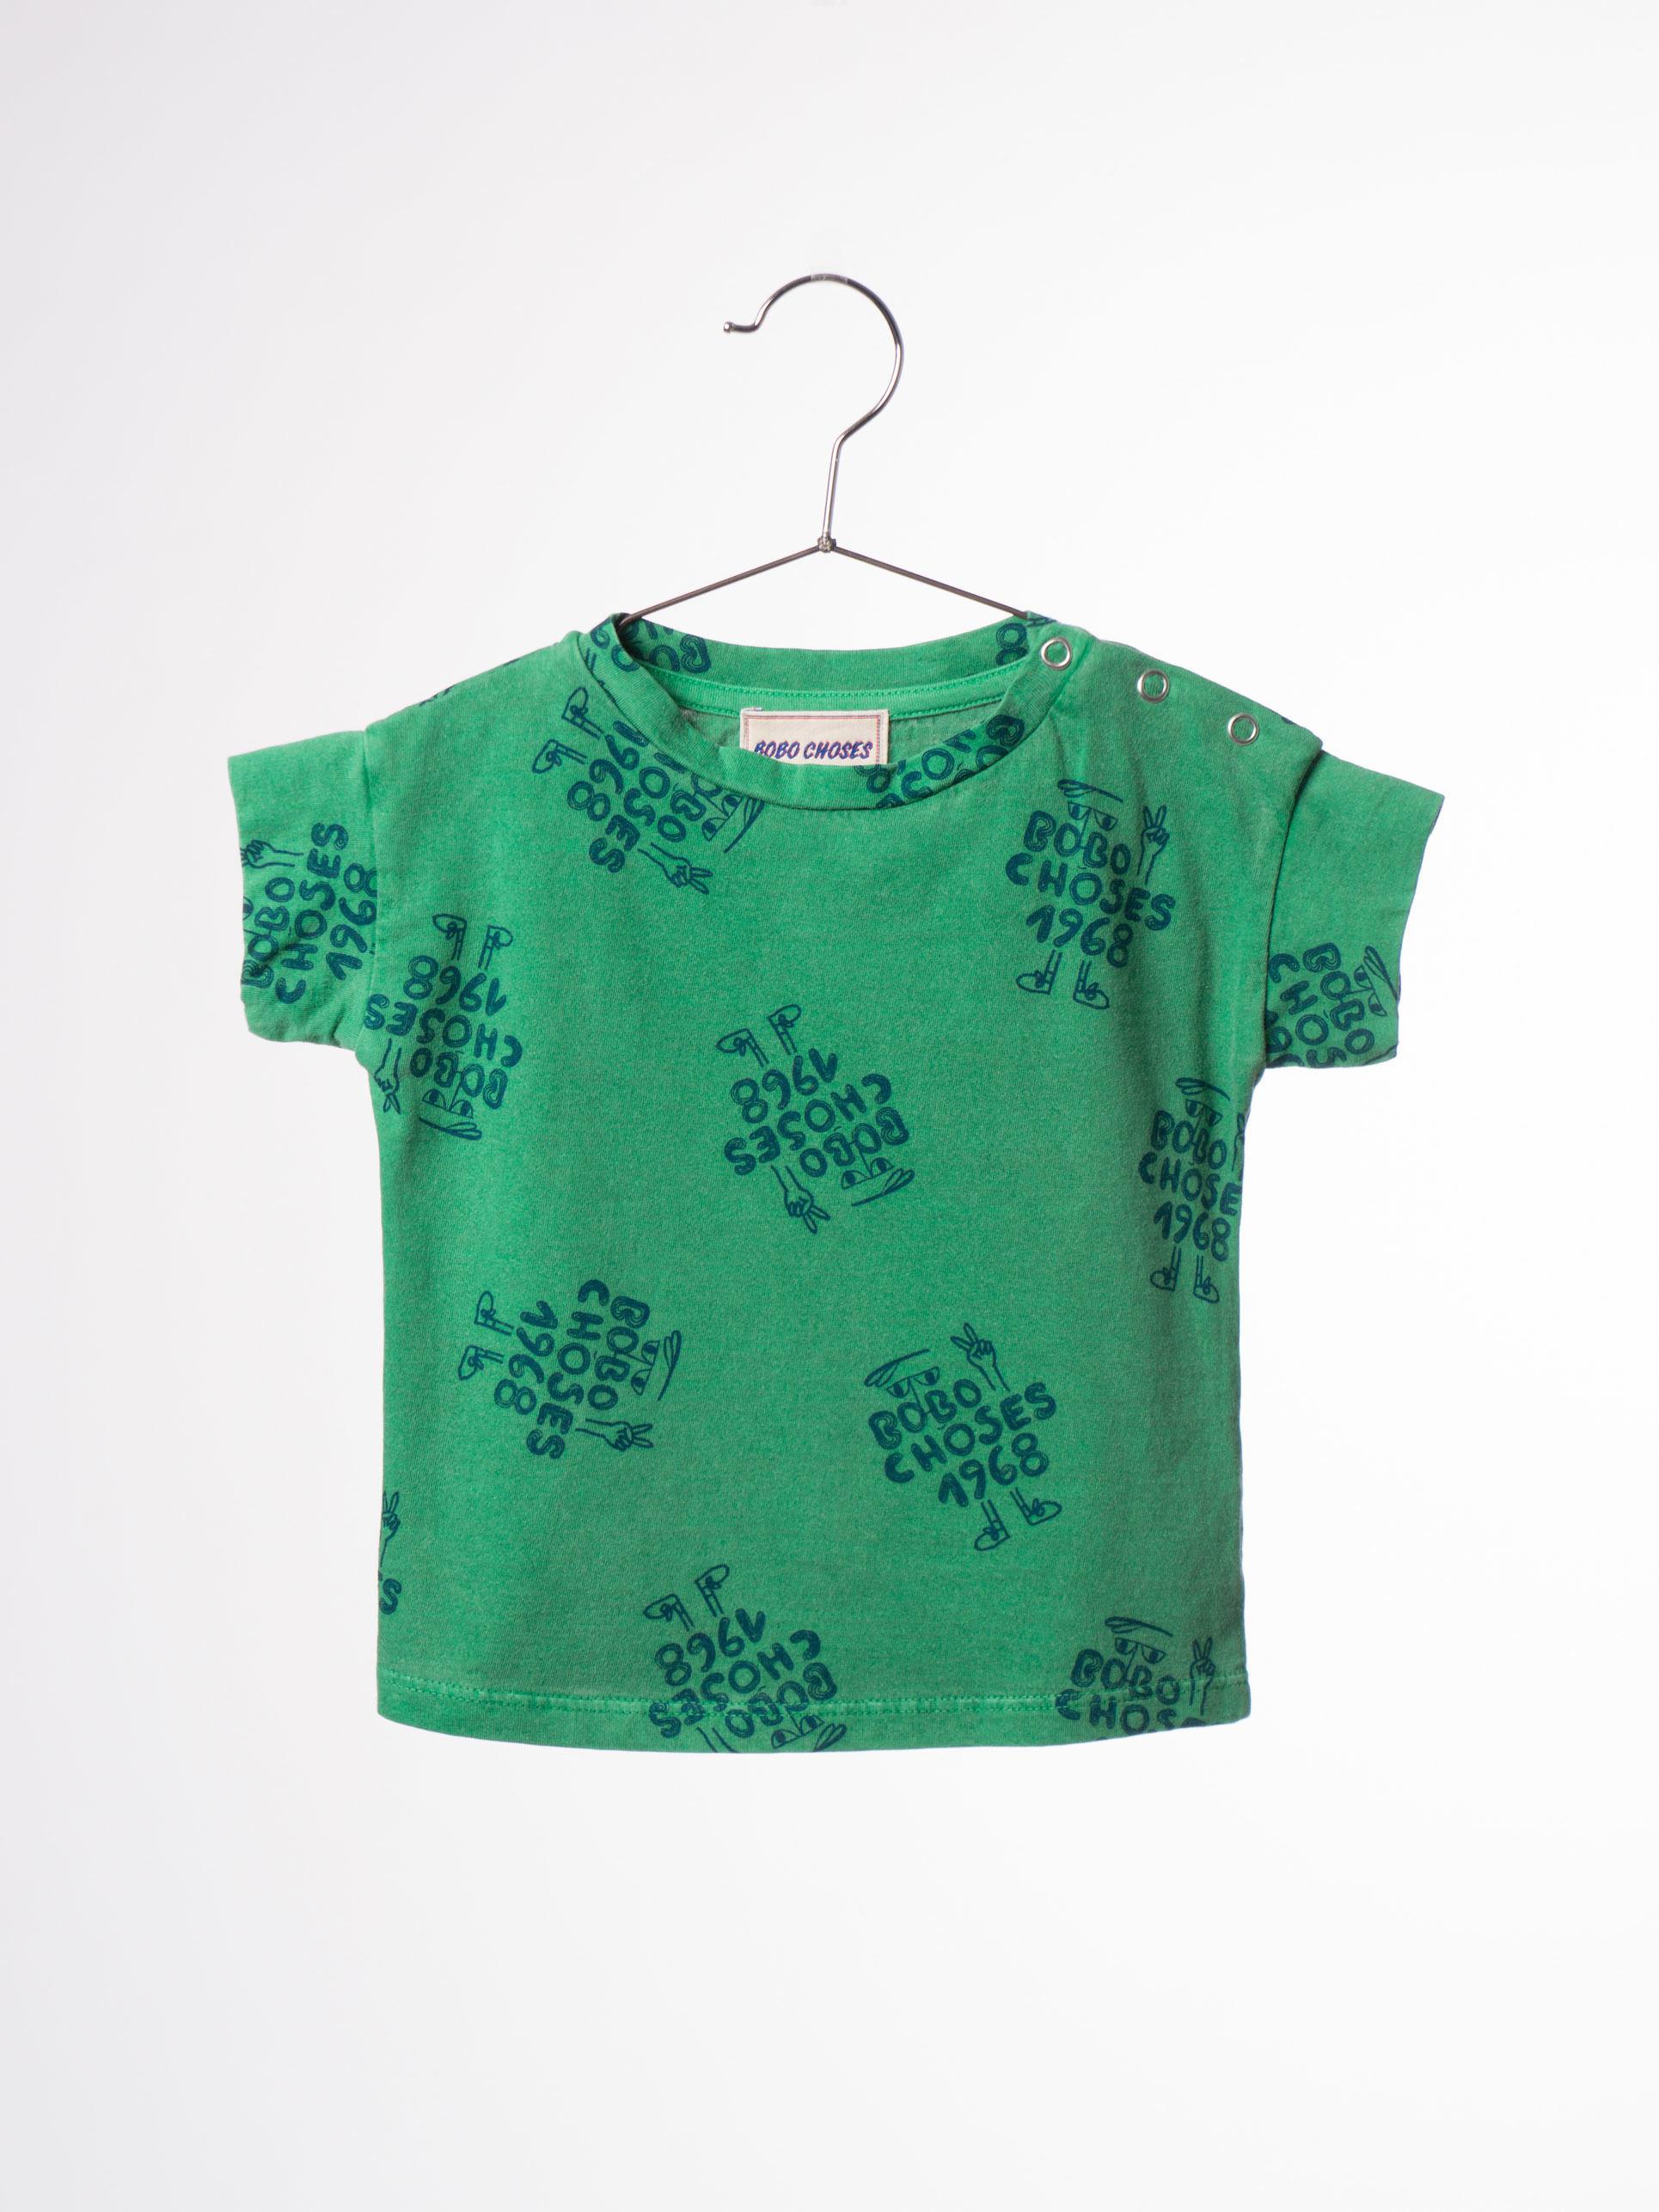 【BOBO CHOSES 2017SS】117175 Baby T-shirt 1968 AO